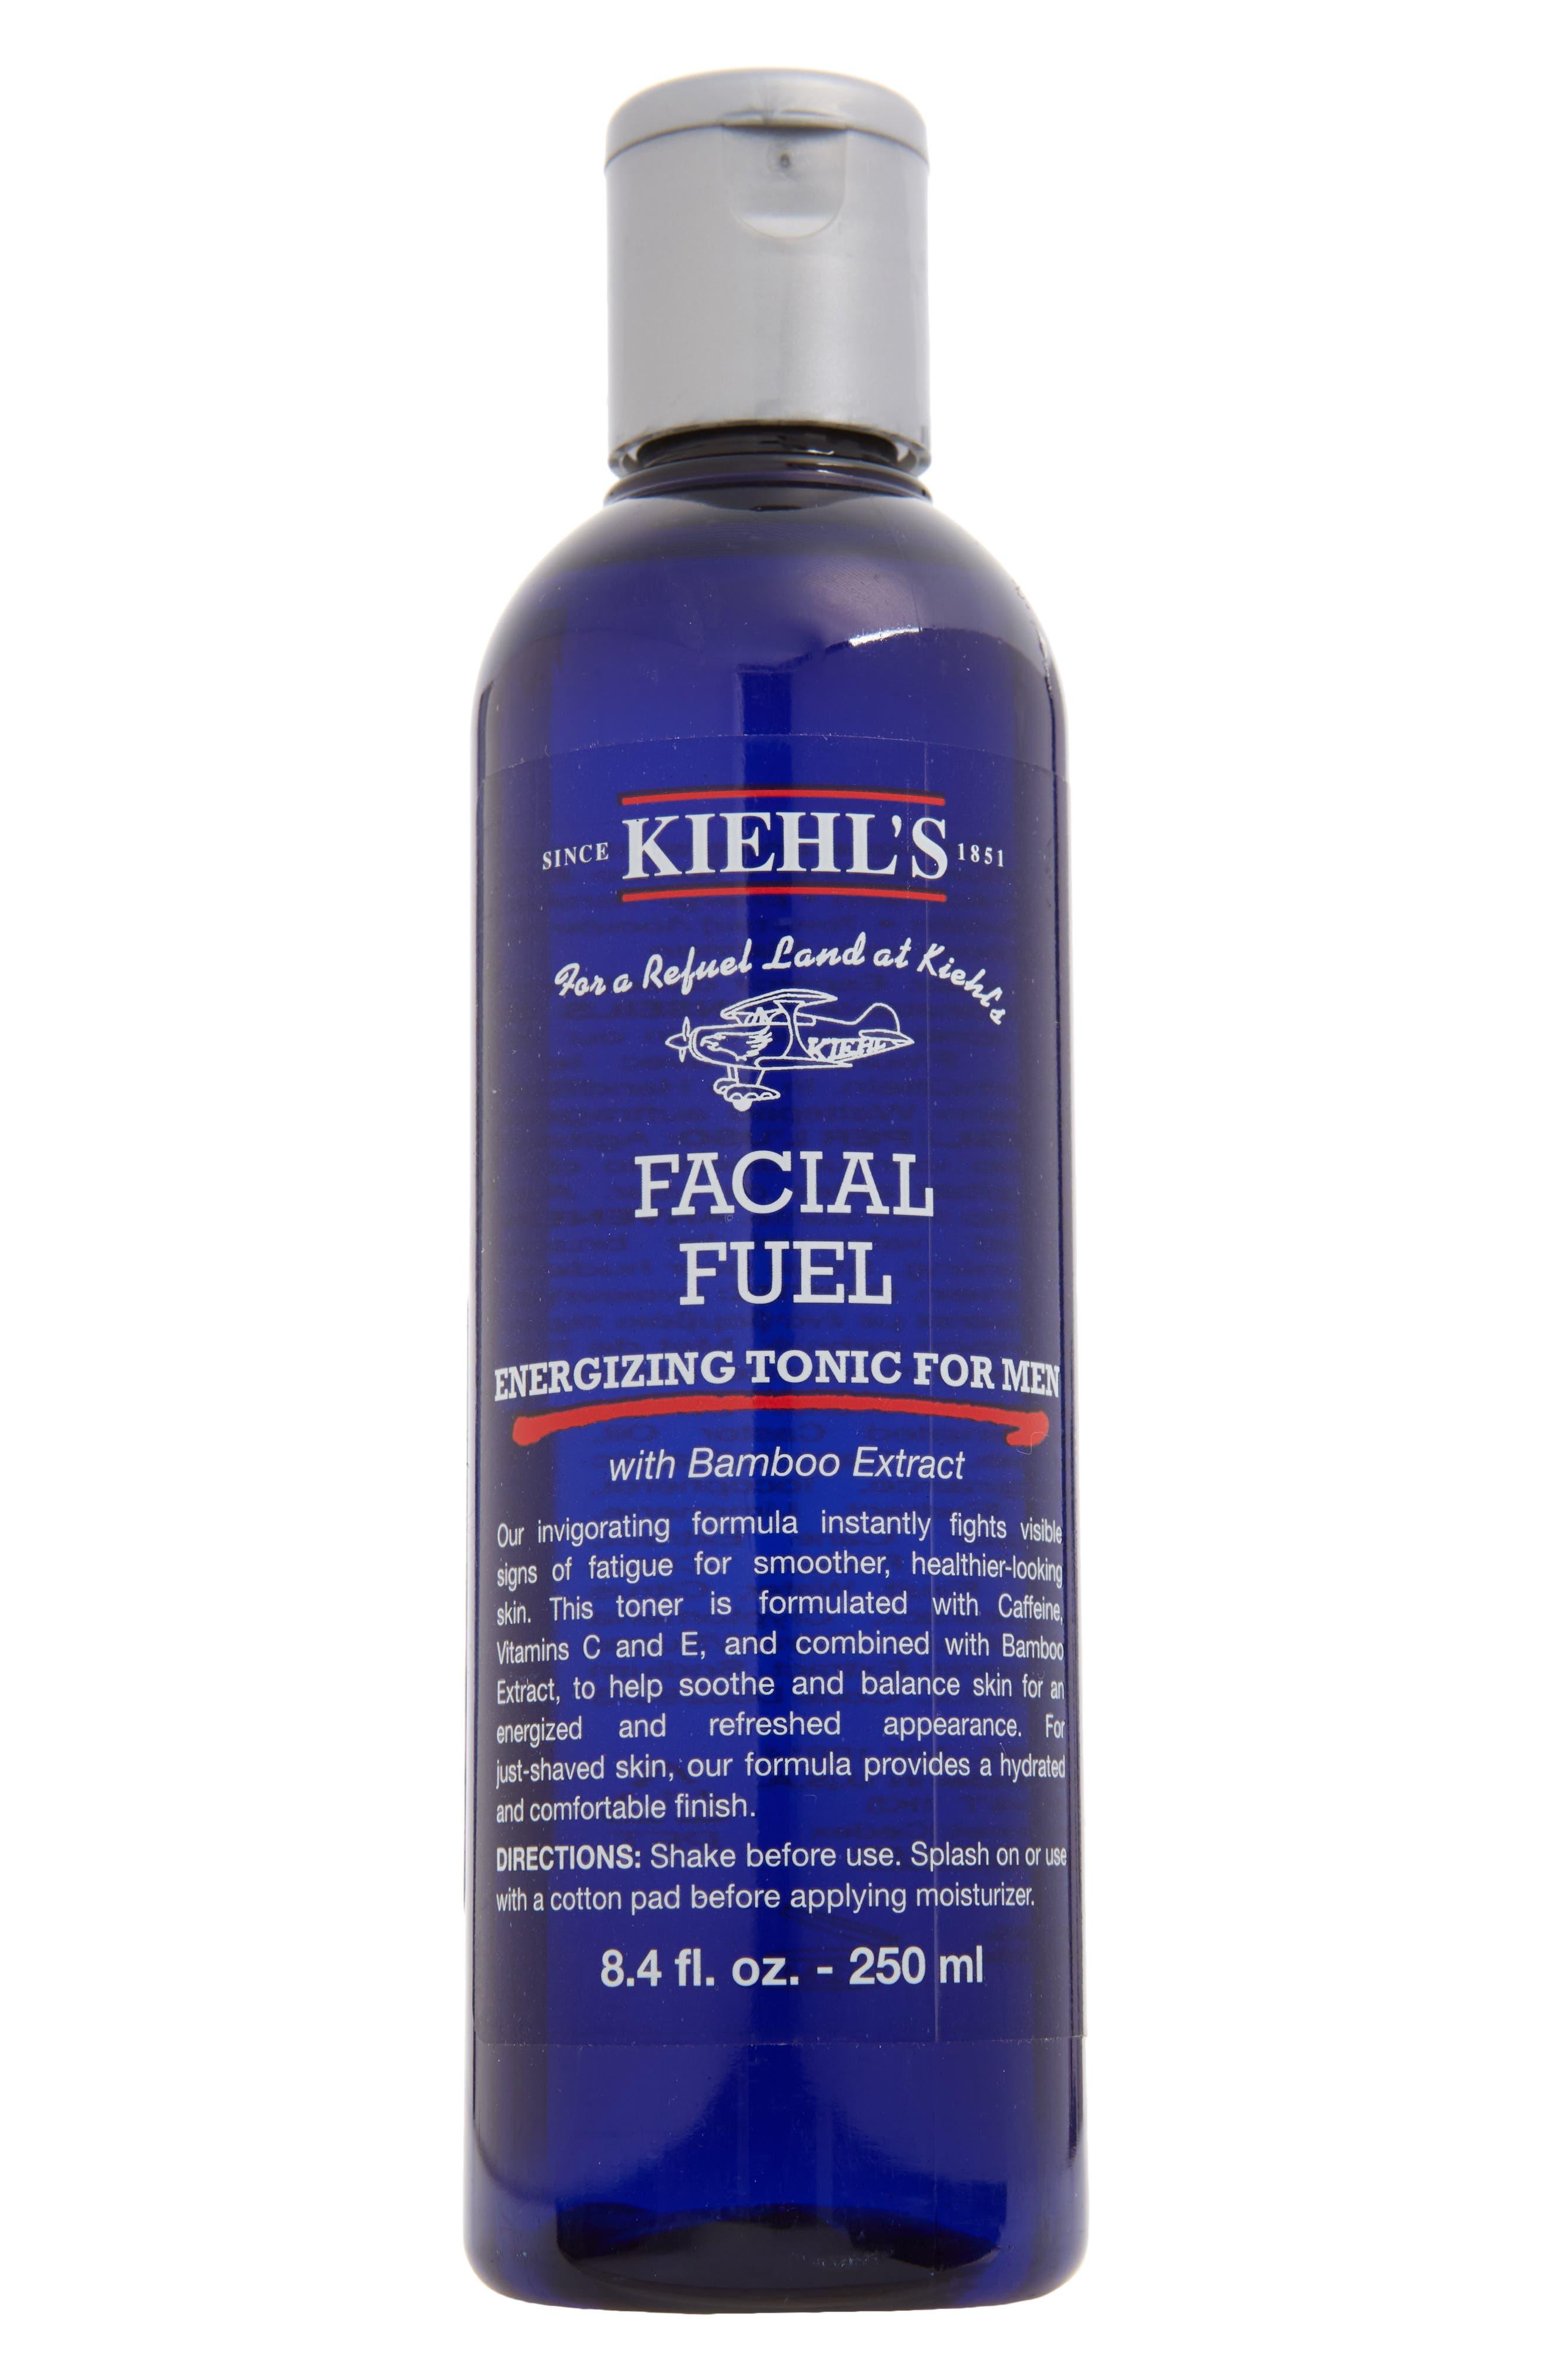 1851 Facial Fuel Energizing Tonic Toner For Men